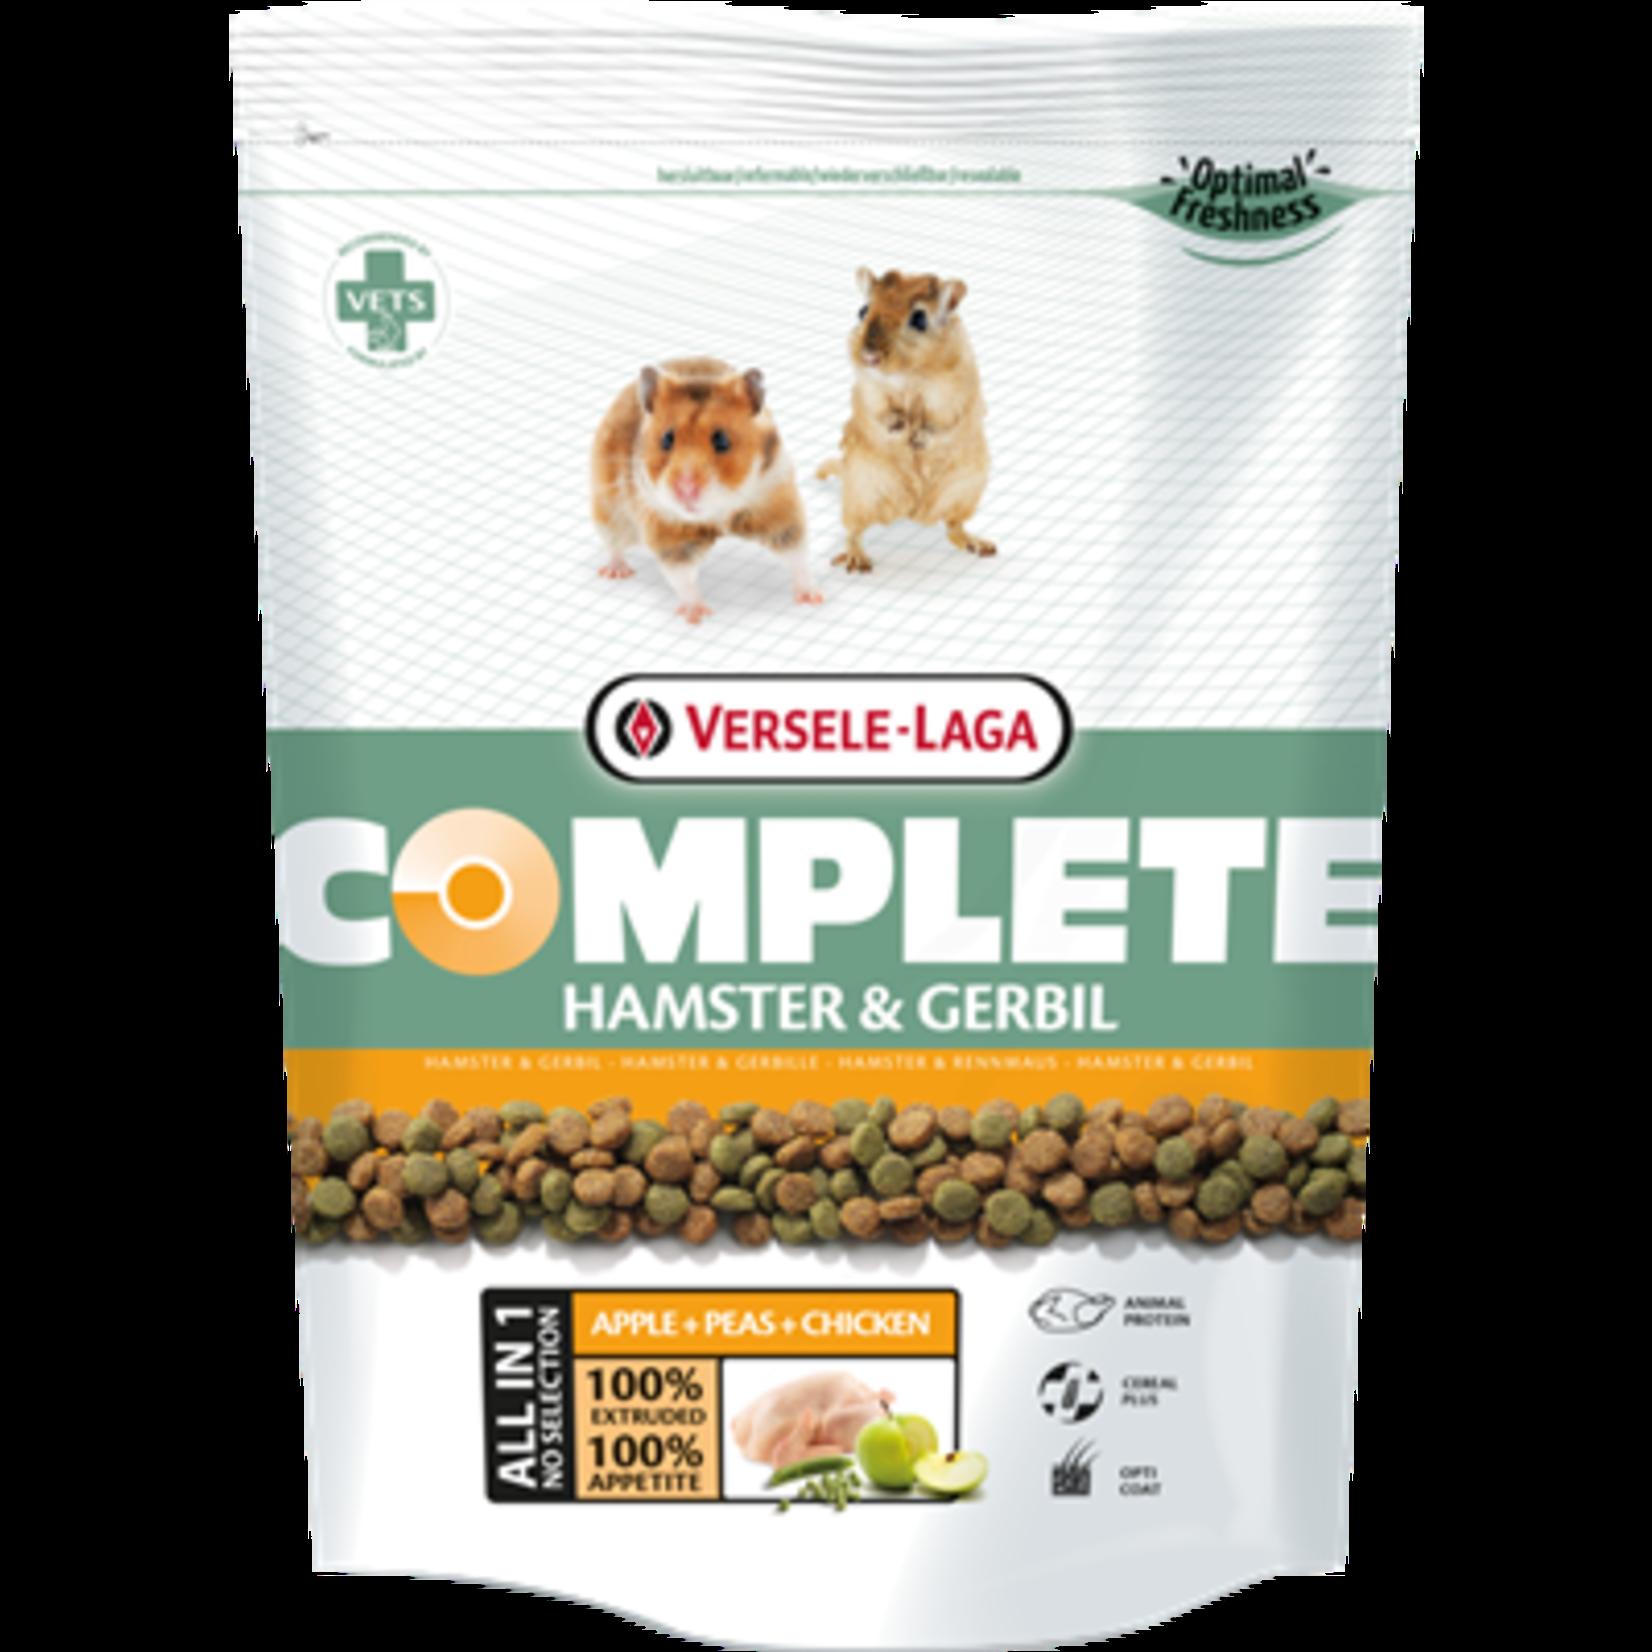 Versele-Laga Complete Hamster & Gerbil Pellets 500g